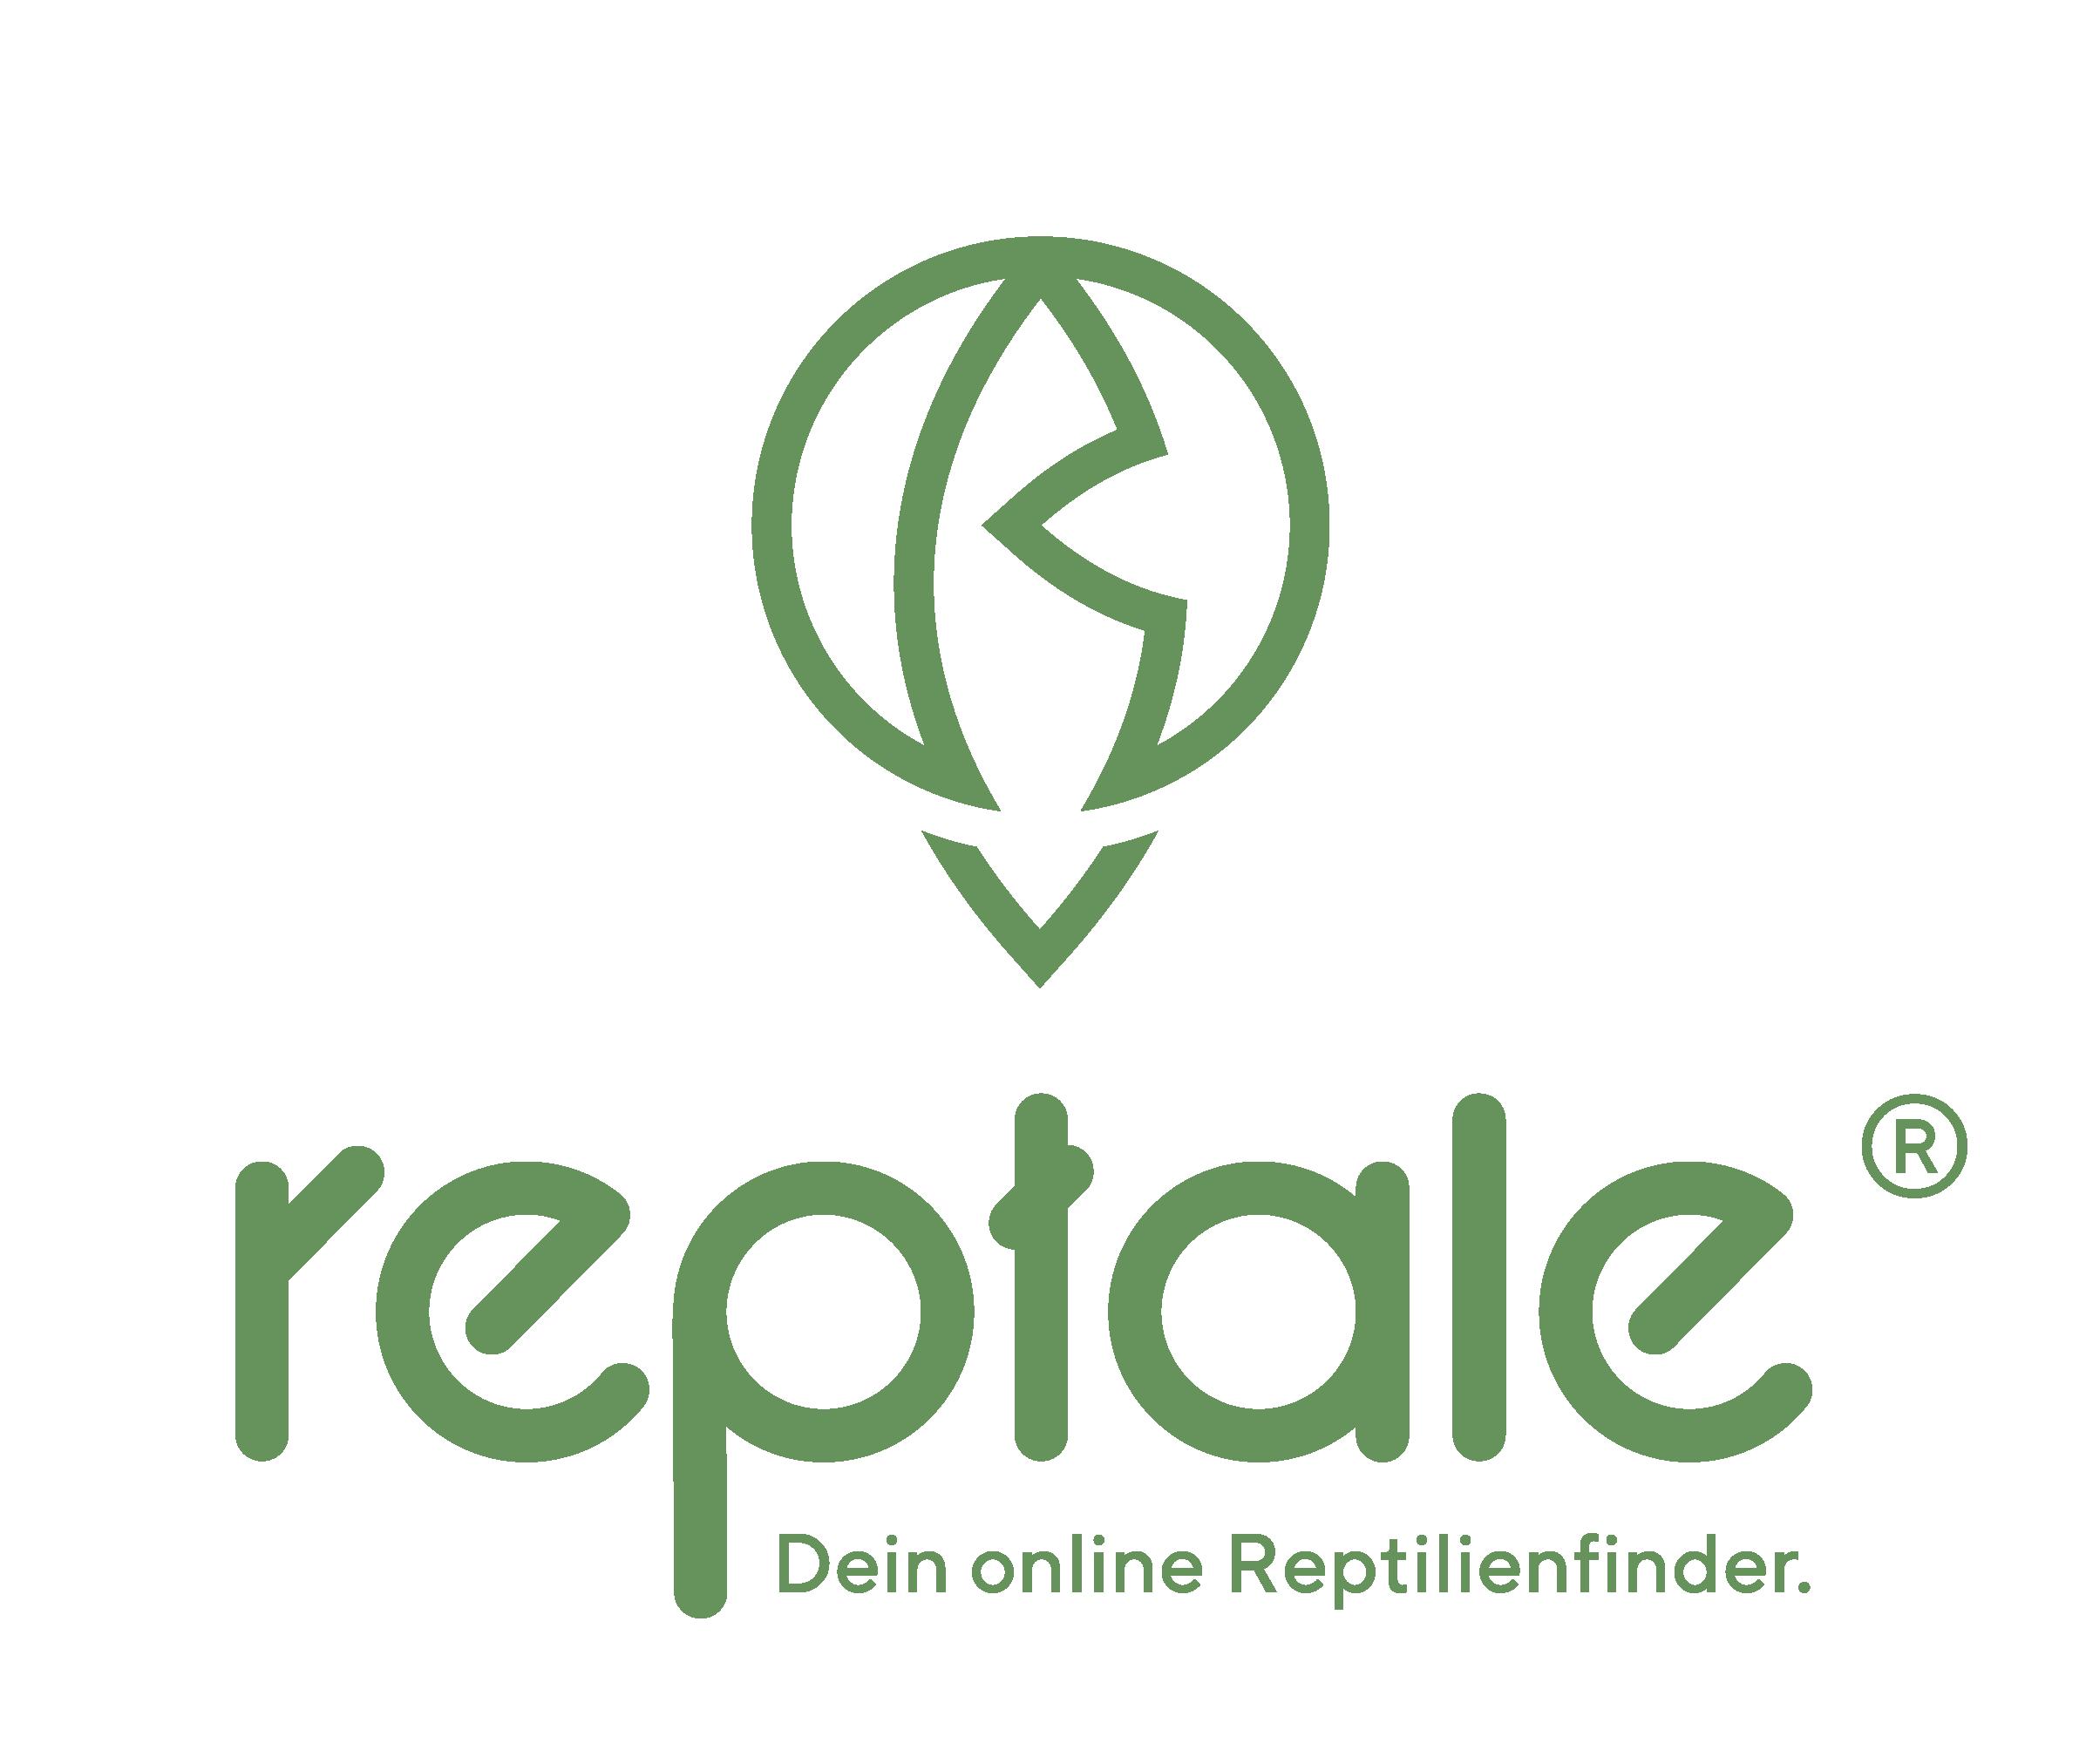 REPTALE.de